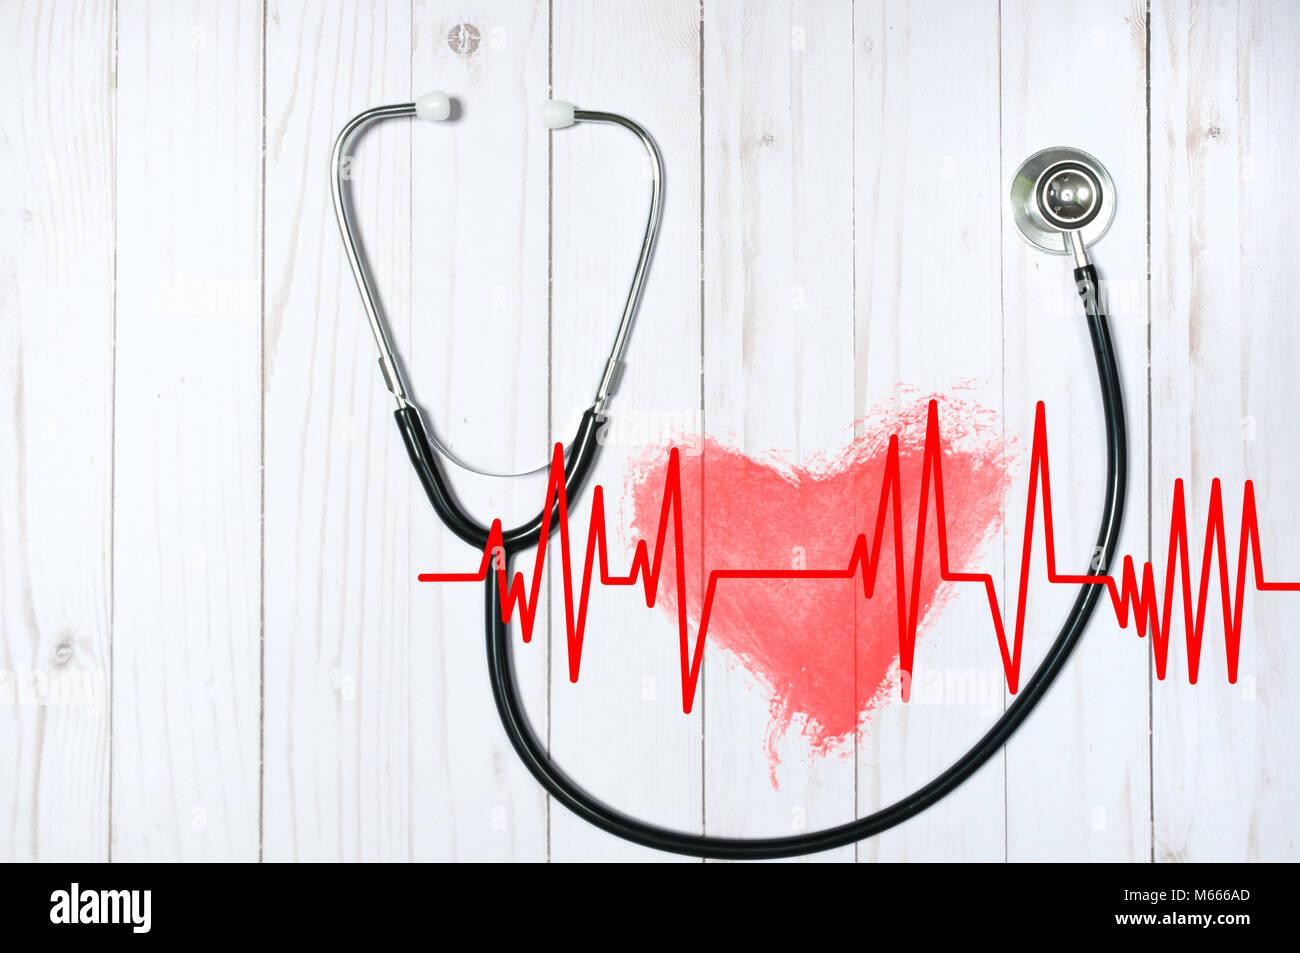 Medizinische Stethoskop und rotes Herz mit elektrokardiogramm auf dem Schreibtisch. Gesundheit Konzepte Stockbild